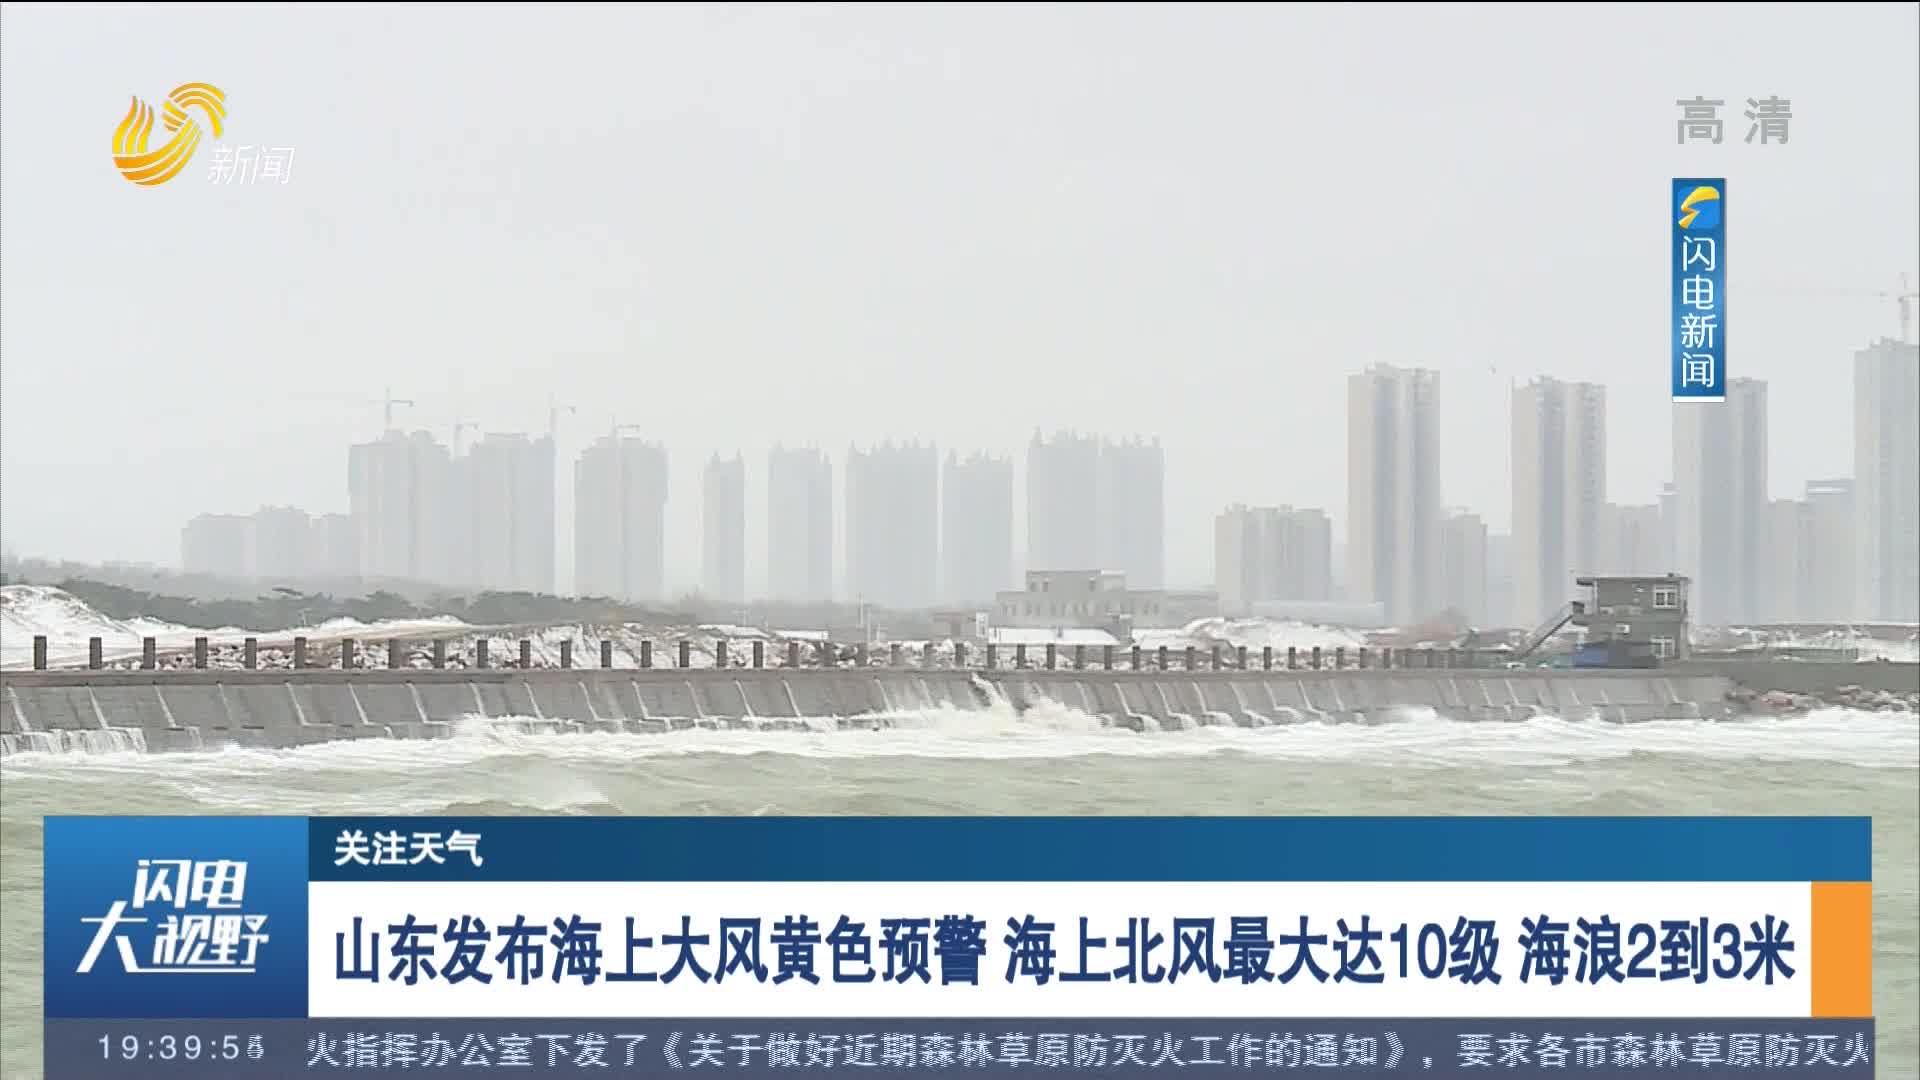 【关注天气】山东发布海上大风黄色预警 海上北风最大达10级 波浪2到3米